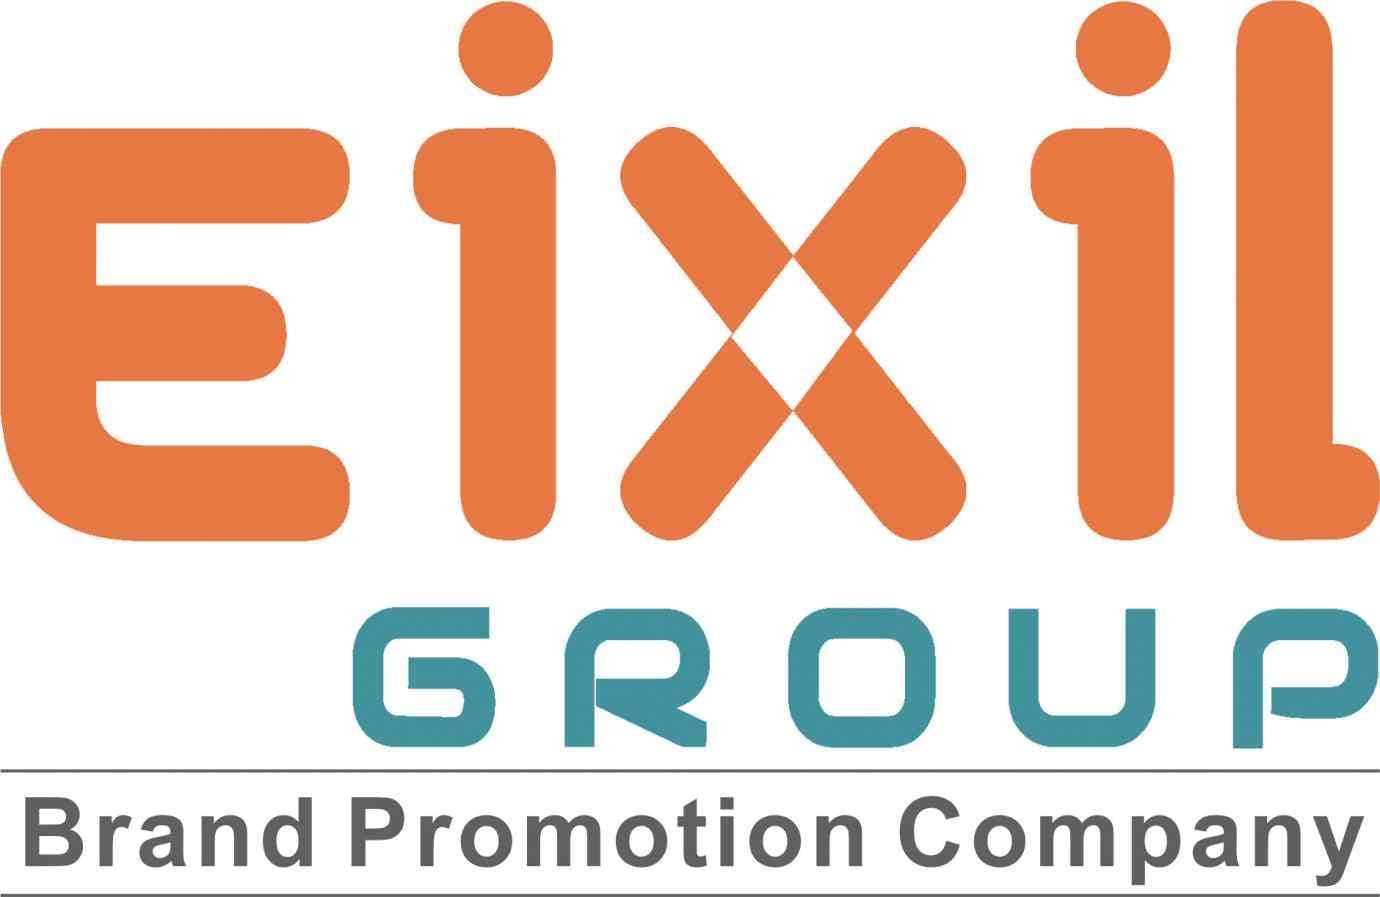 Eixil Group